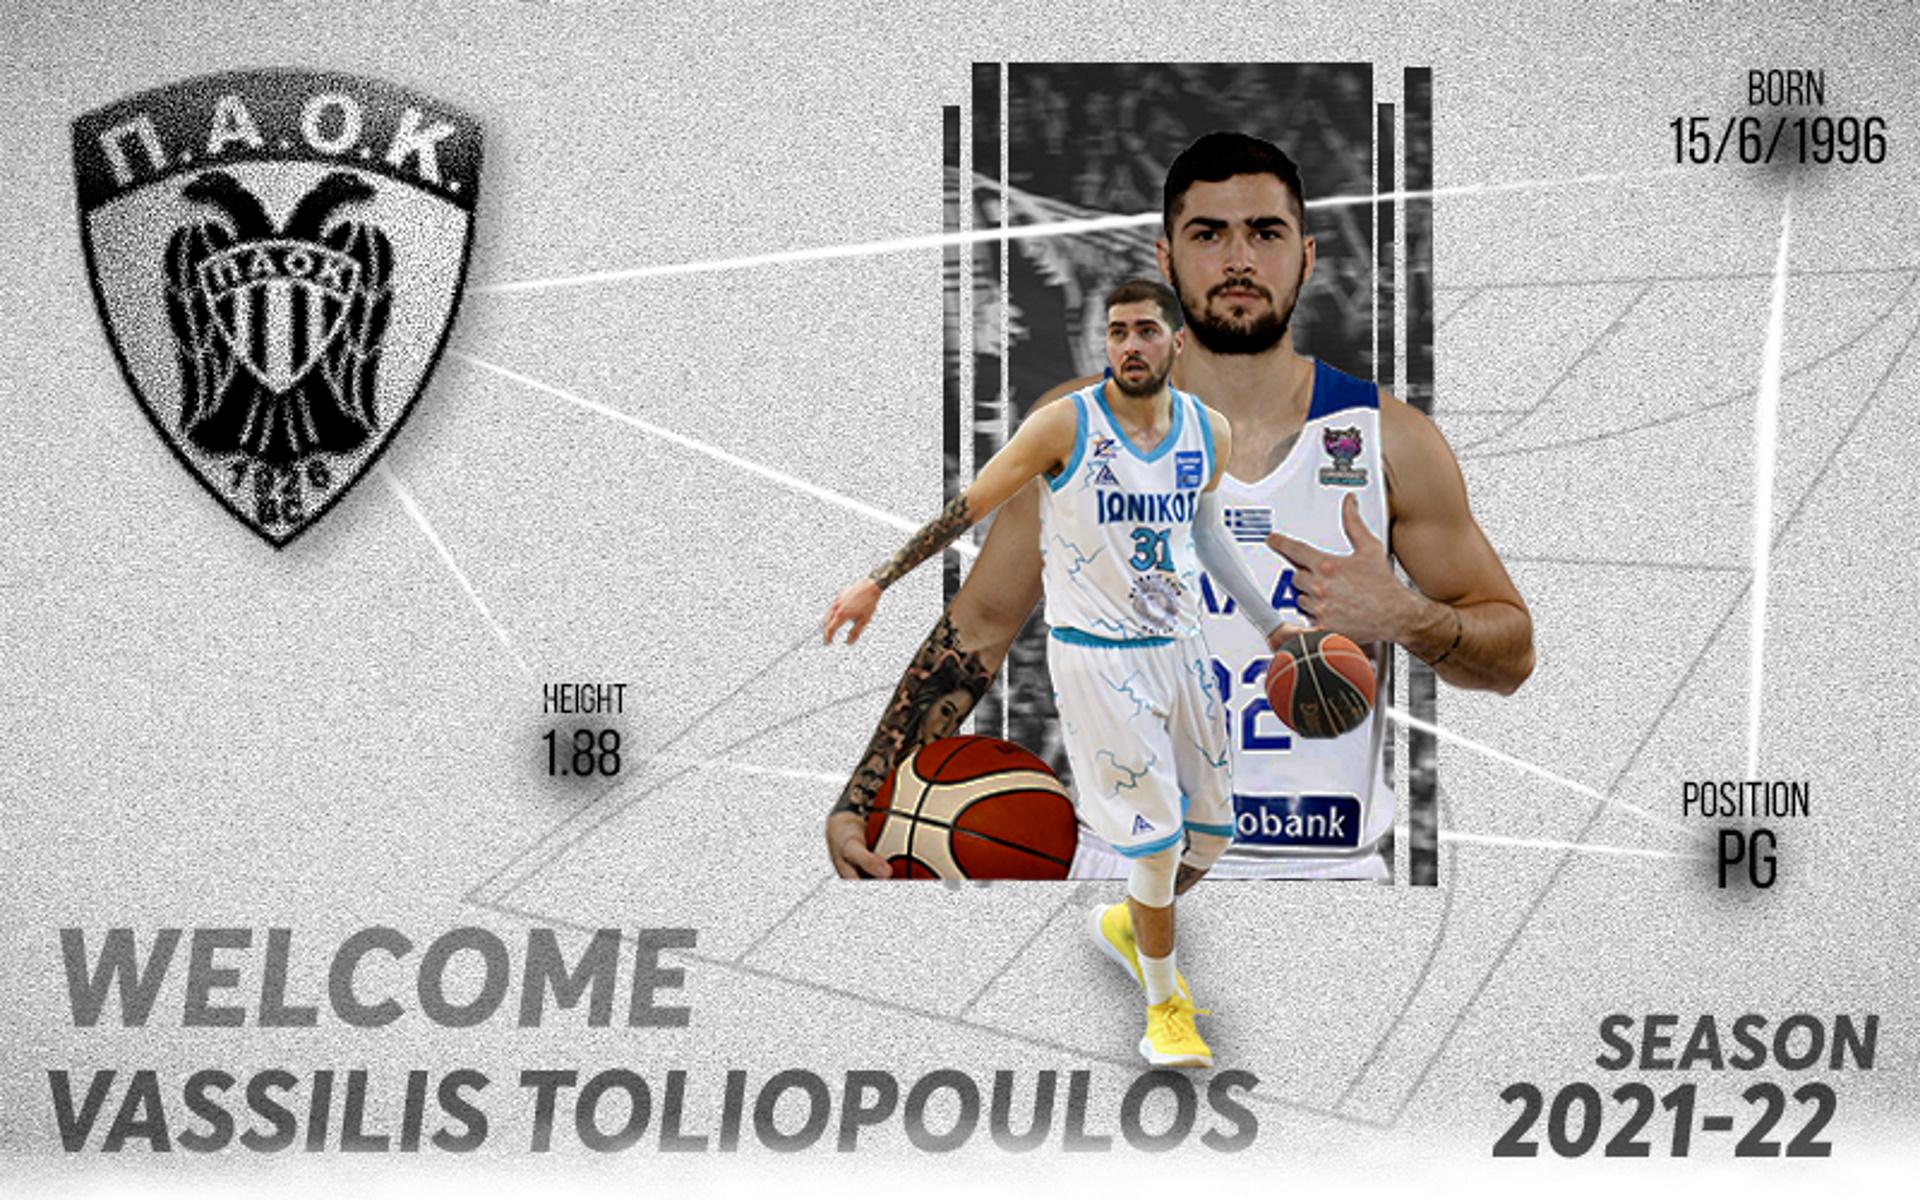 Στον ΠΑΟΚ ο Βασίλης Τολιόπουλος